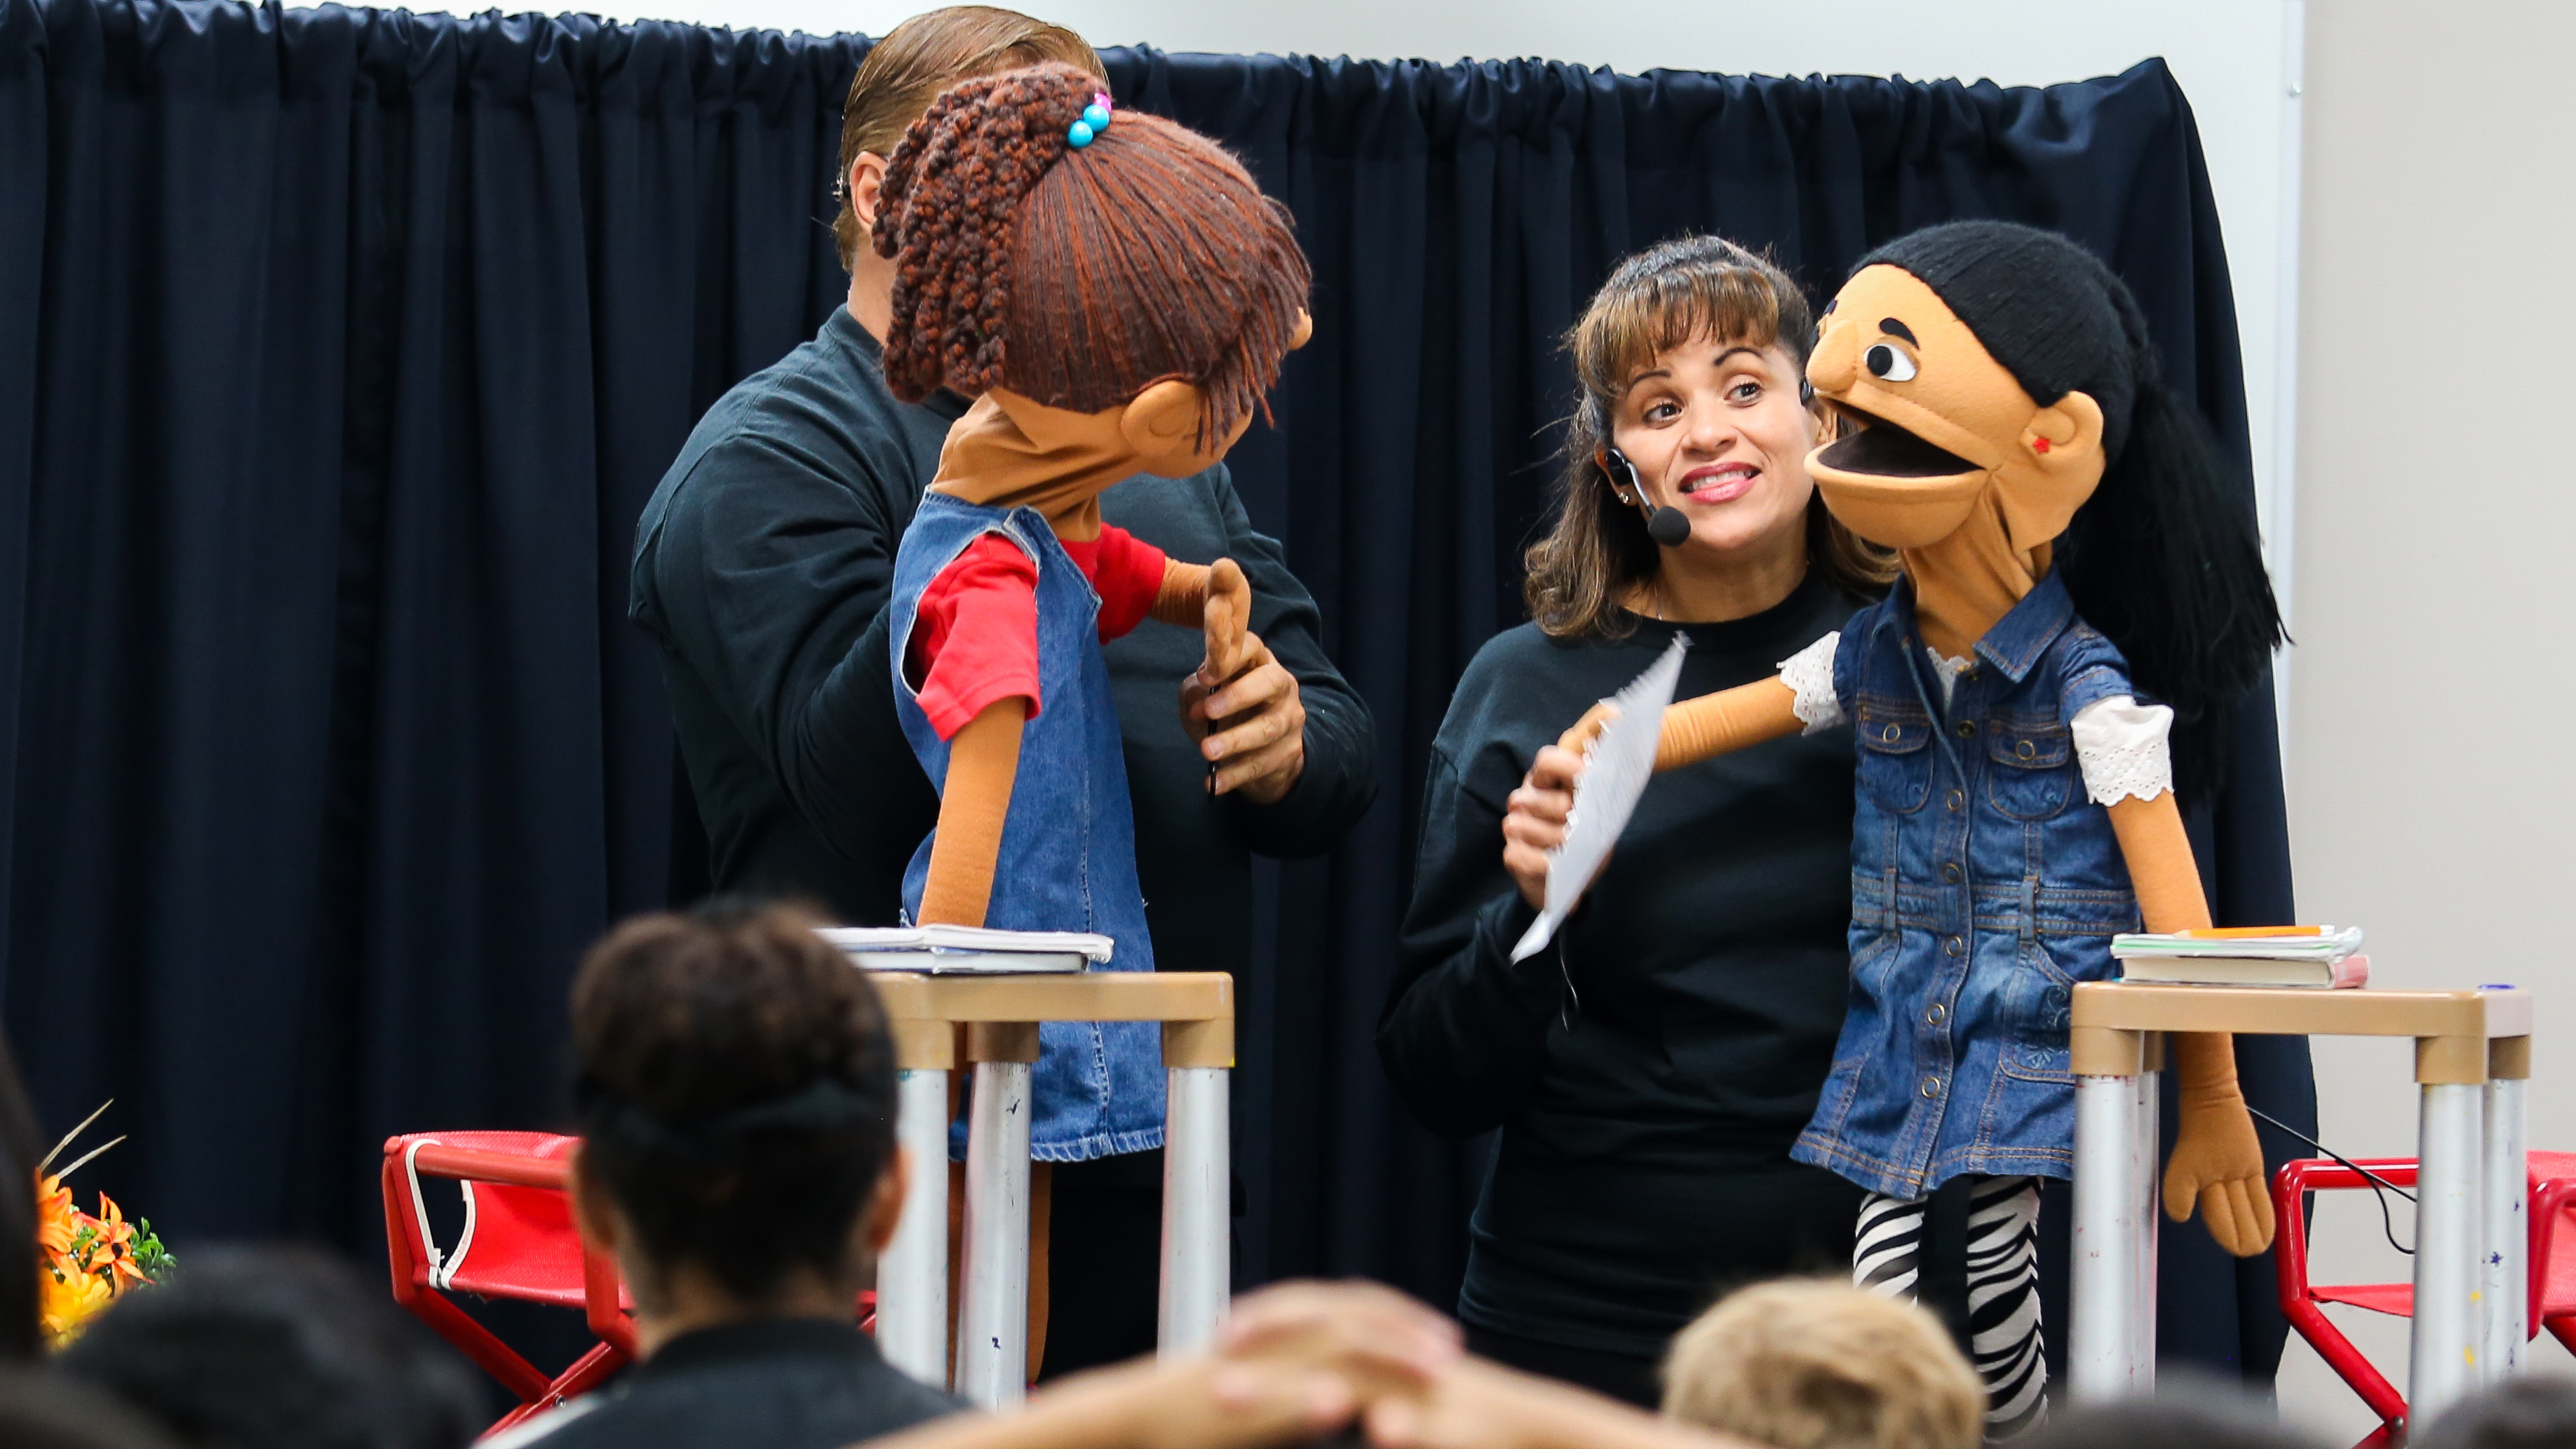 Presentan un show de títeres para niños que emigraron a Florida tras el paso del huracán María